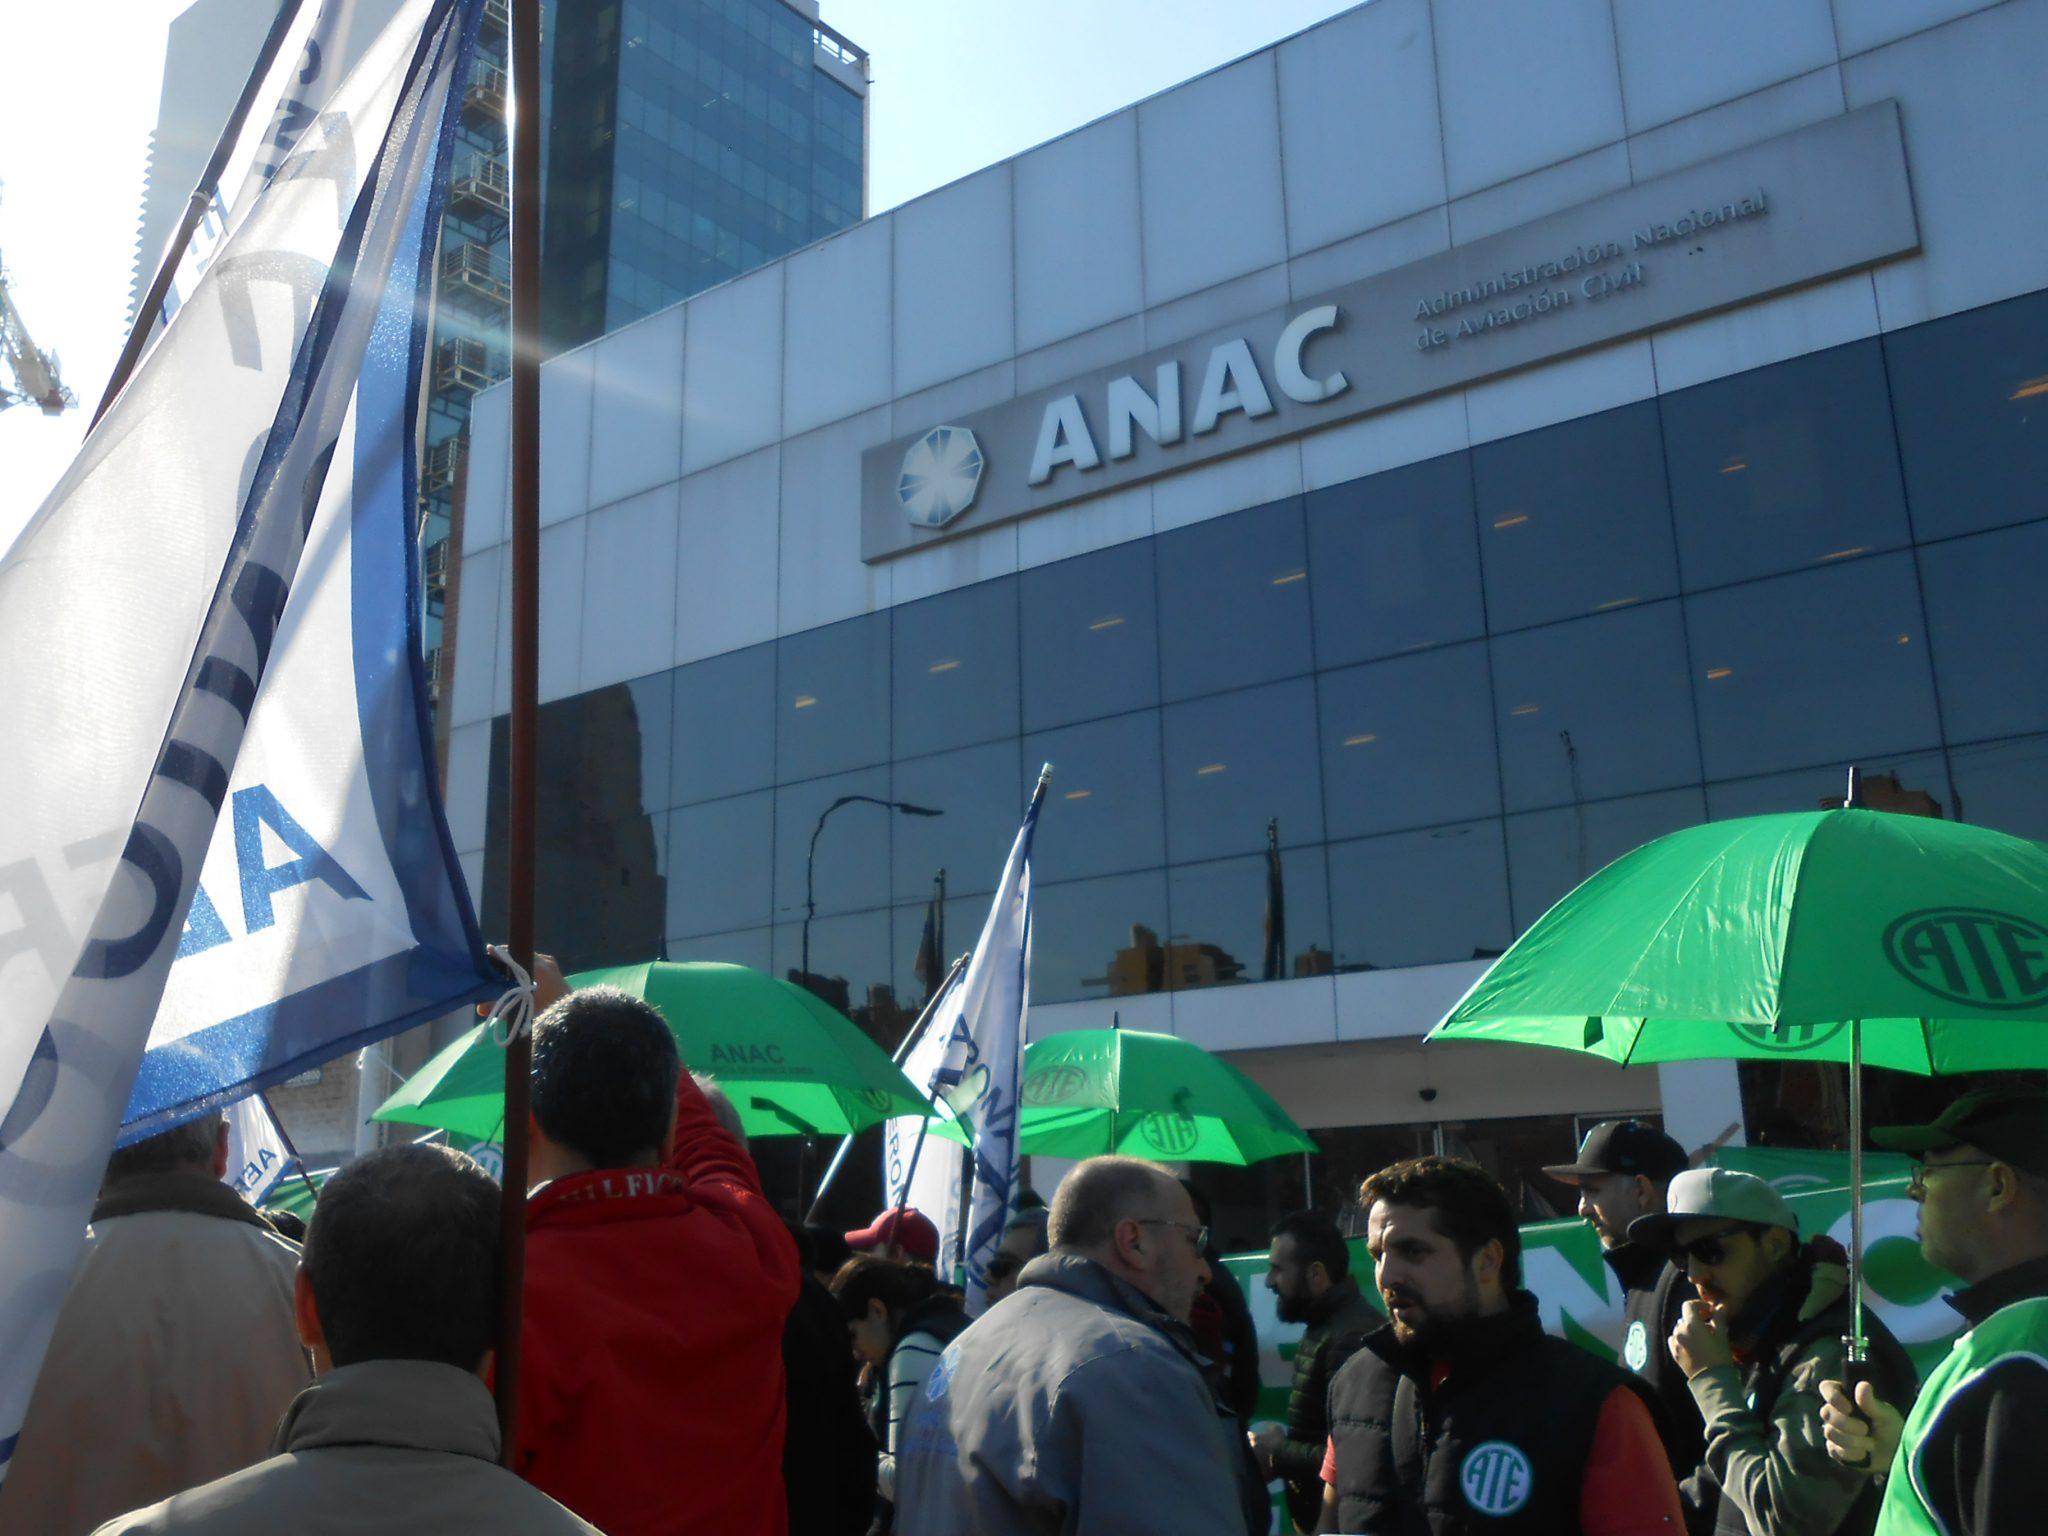 Anac incumple el pago de salarios aviaci n en argentina for Pago ministerio del interior